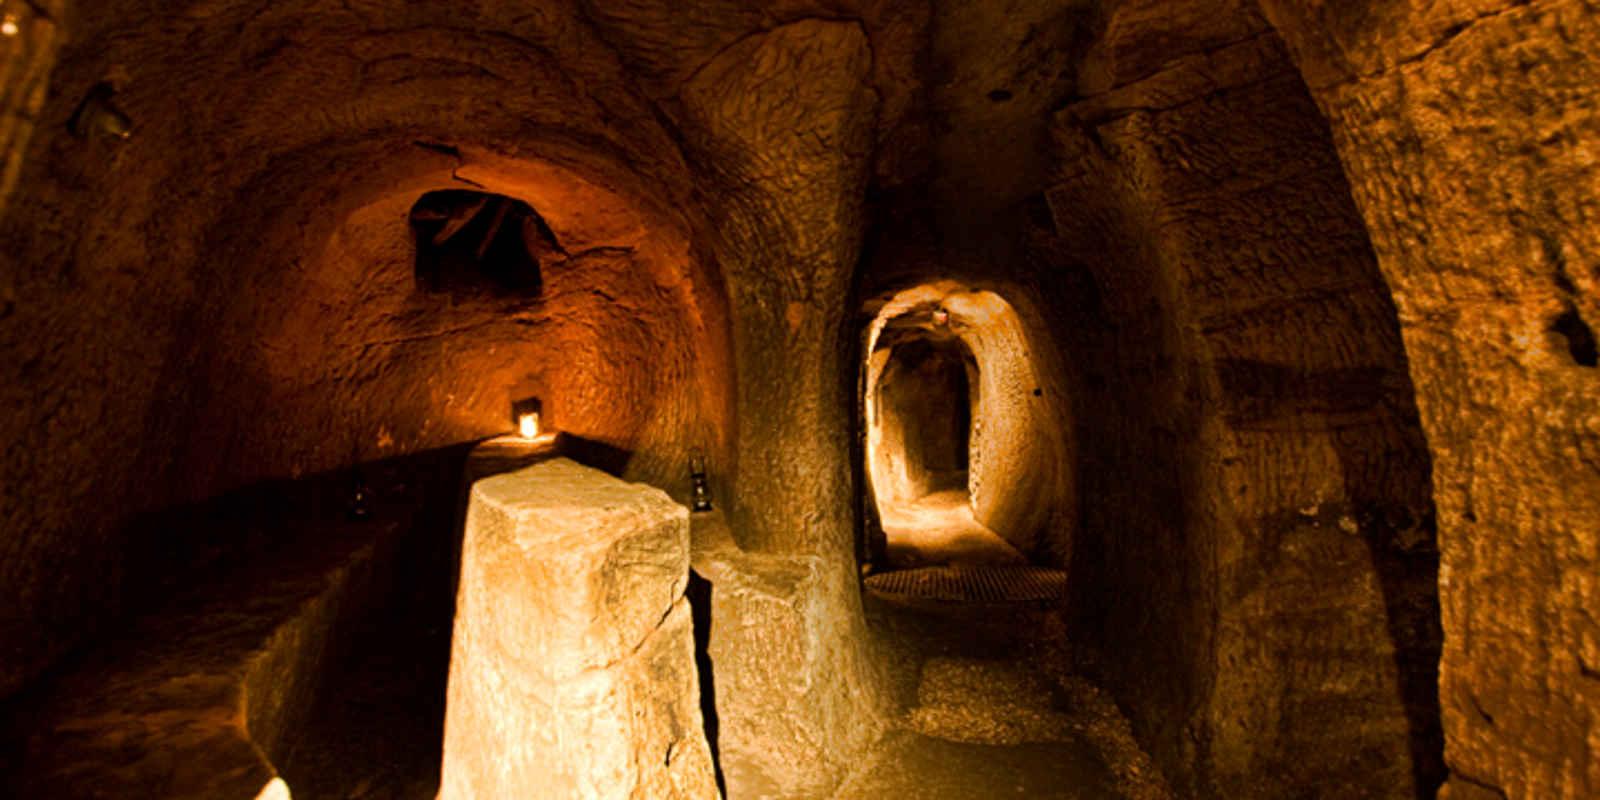 Underground chamber in Edinburgh